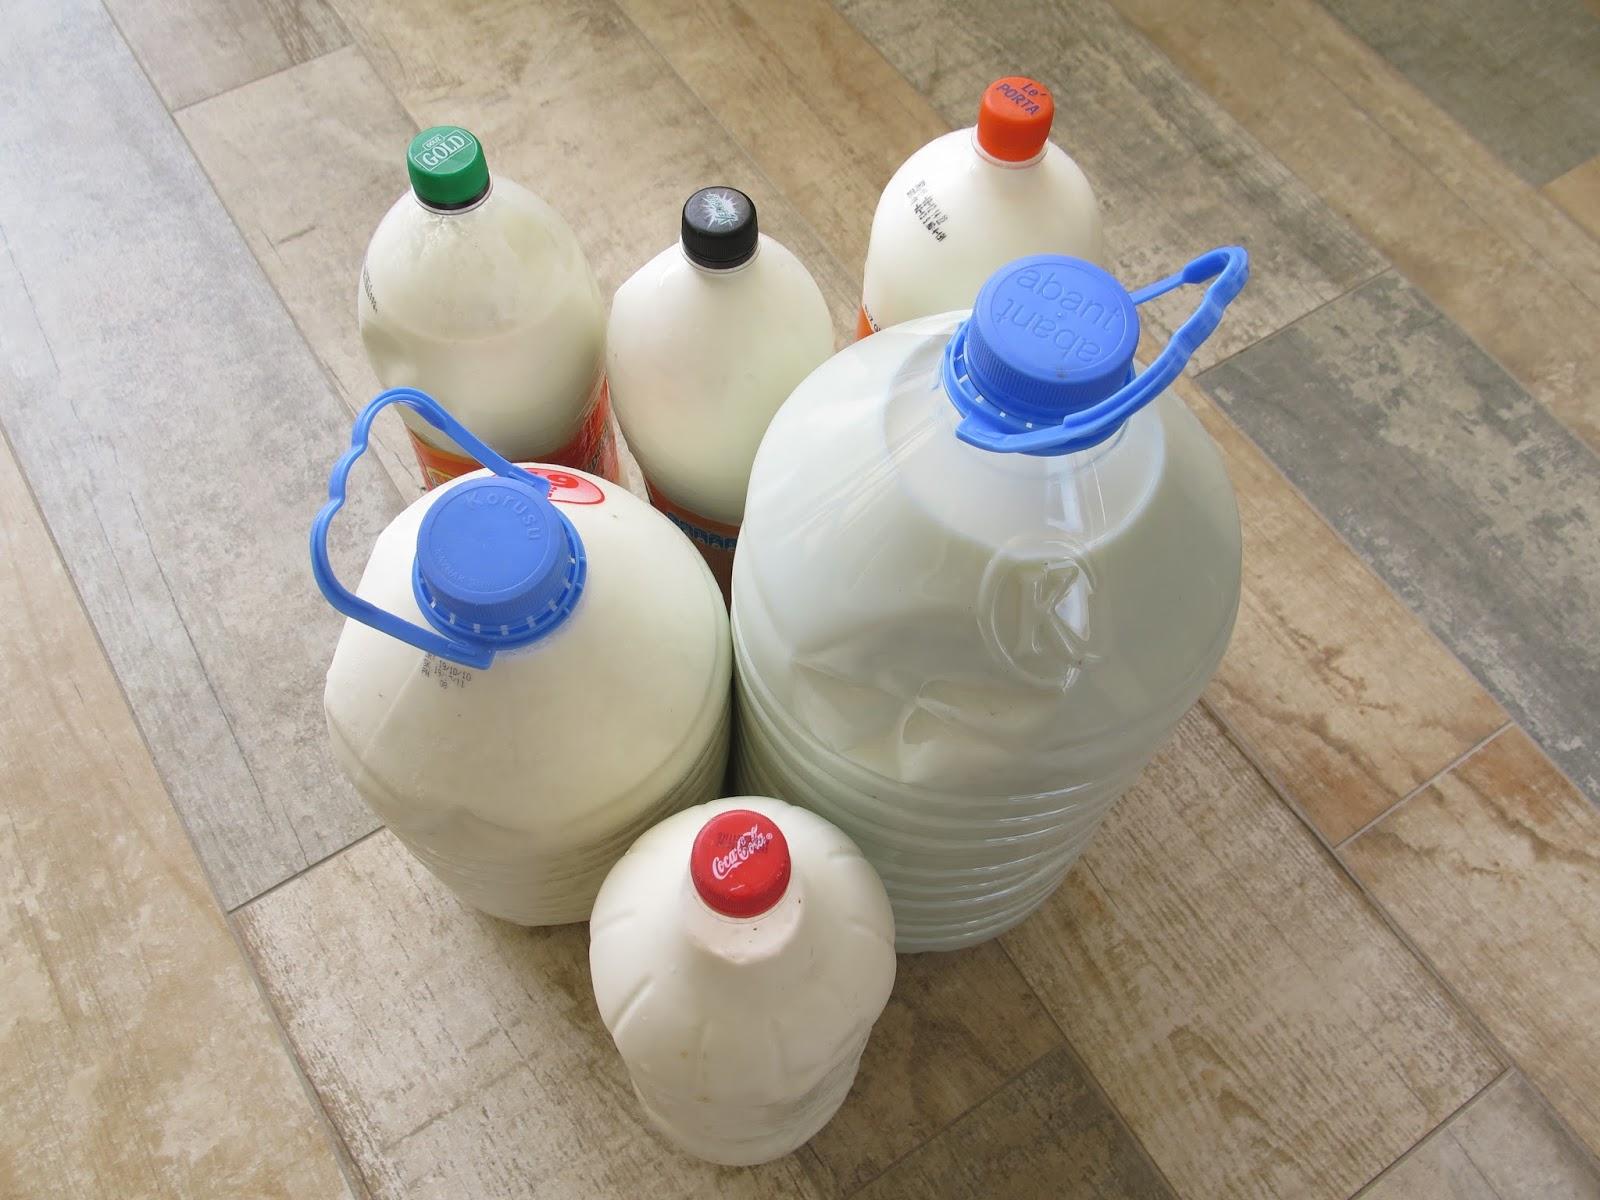 Keçi Sütü Nerede Satılır Bulunur Ne Kadar Hangi Hastalıklara İyi Gelir